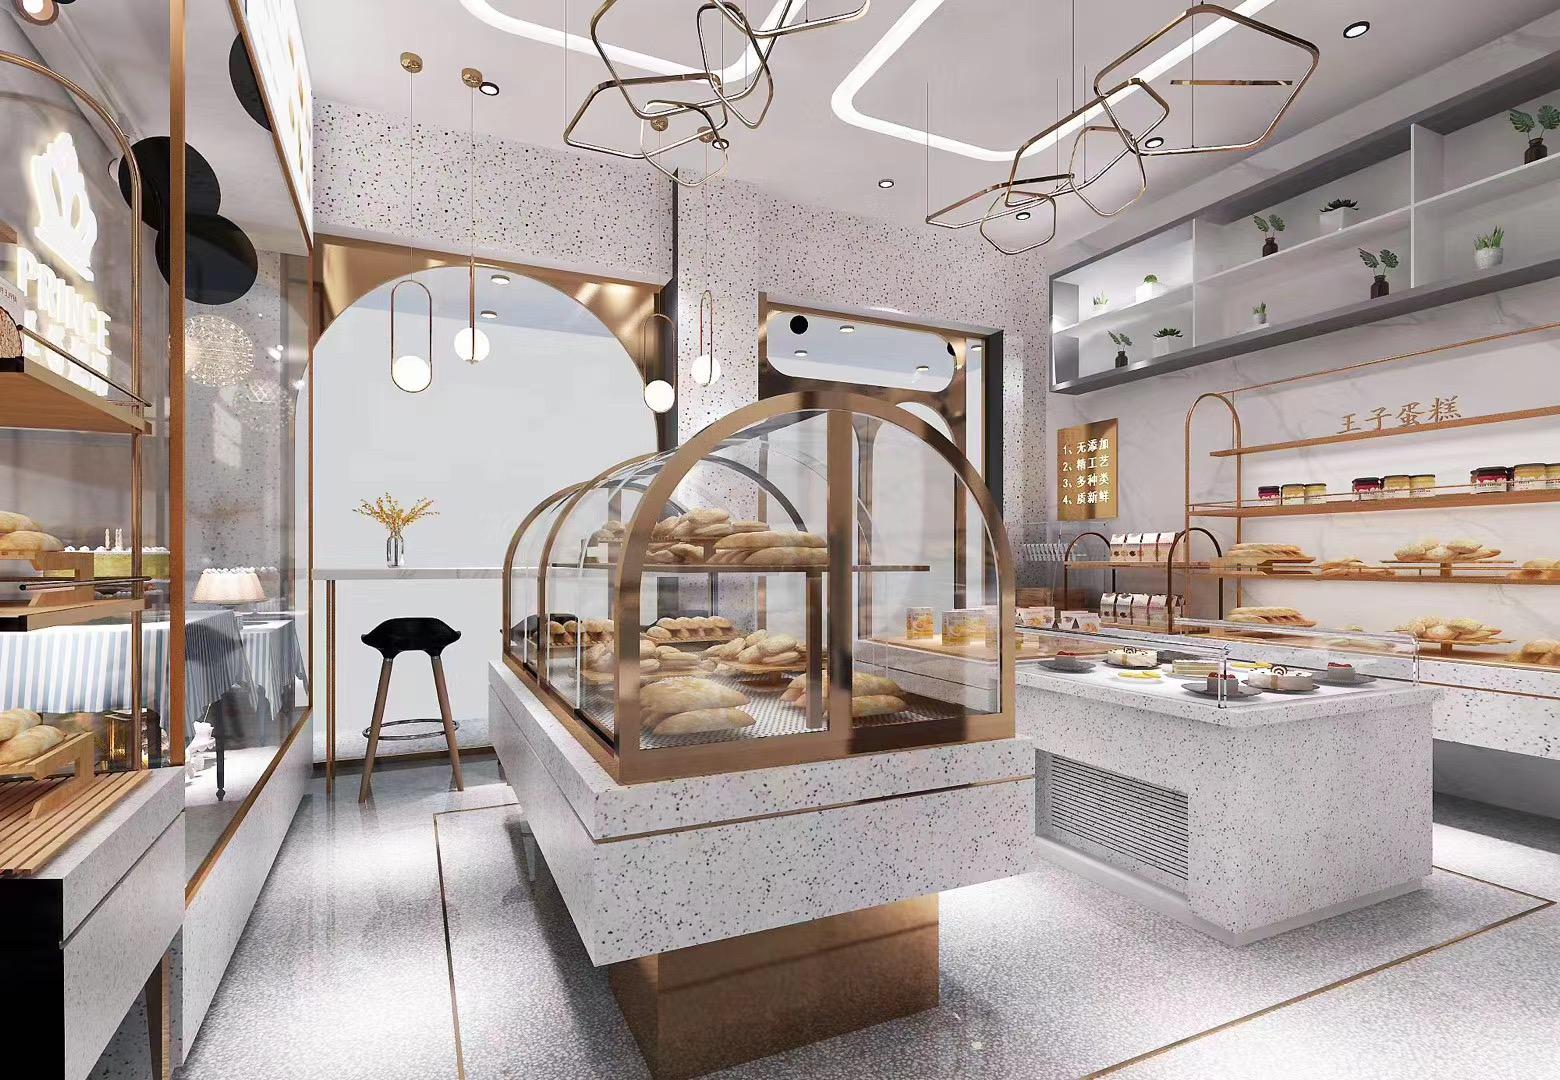 展柜厂家给客户安装蛋糕展柜需要做哪些工作